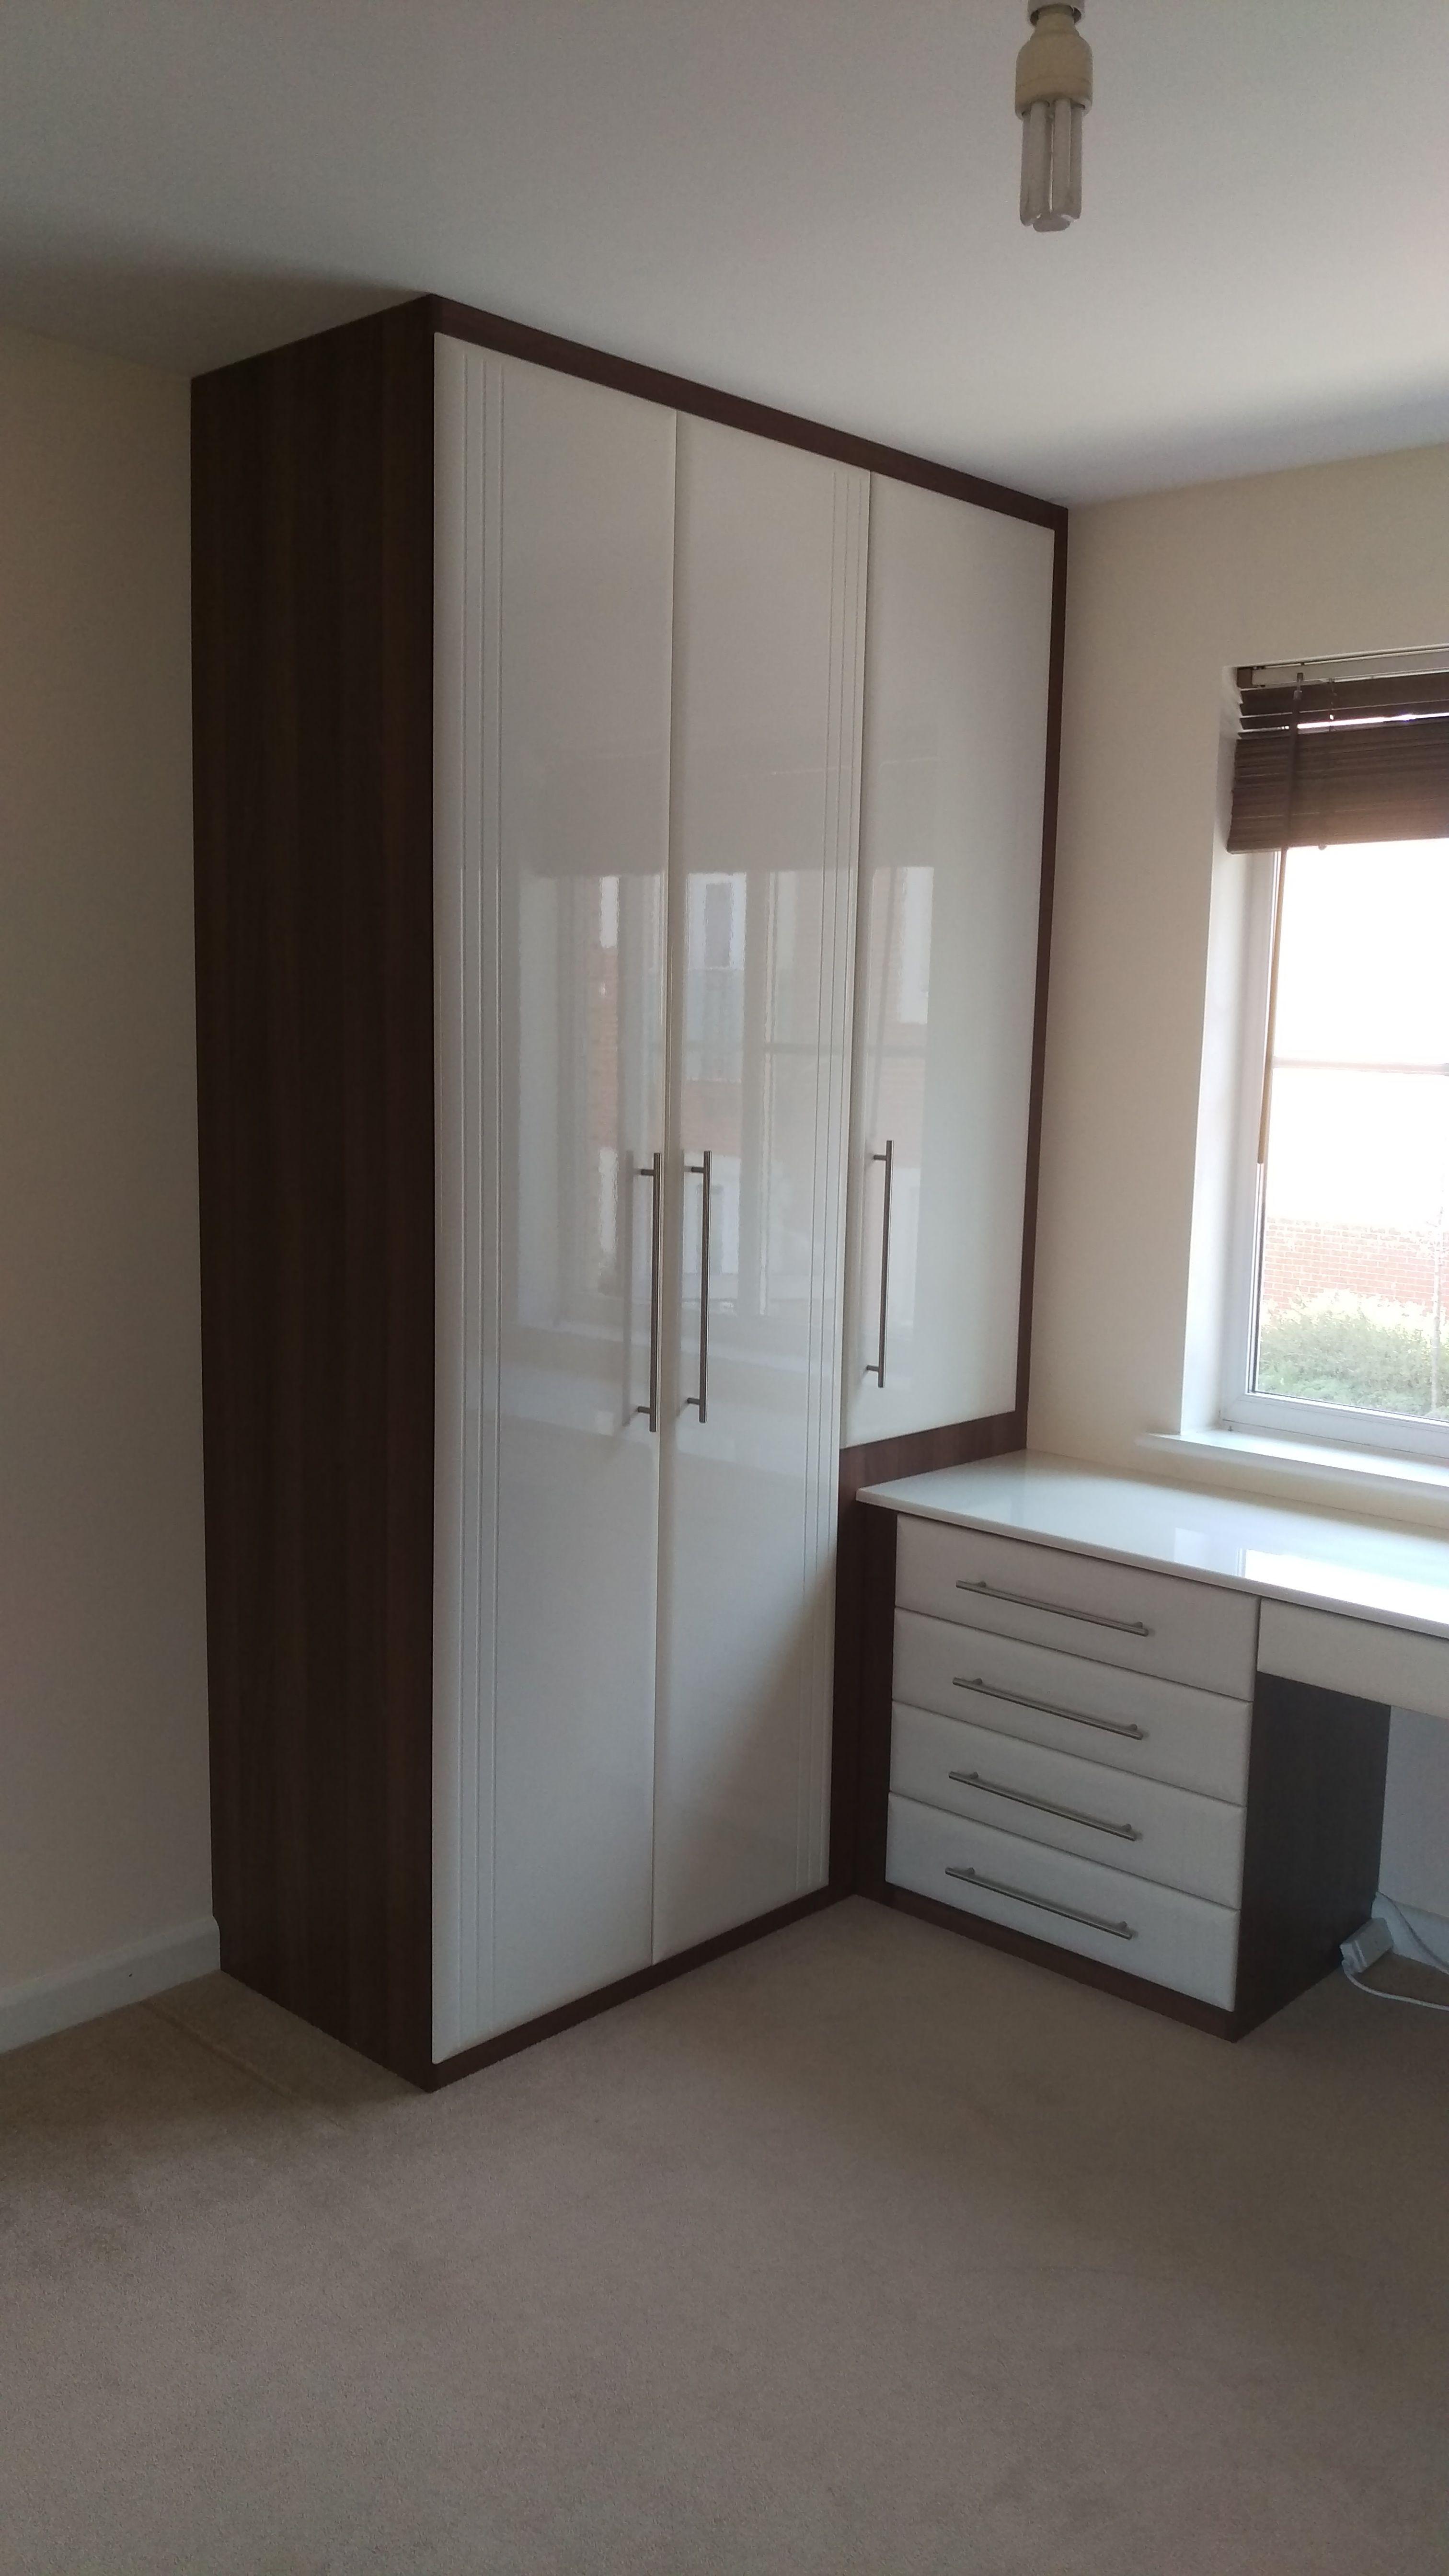 3 Door wardrobe with 3 4 height door over matching dressing table  Dark  Walnut. 3 Door wardrobe with 3 4 height door over matching dressing table